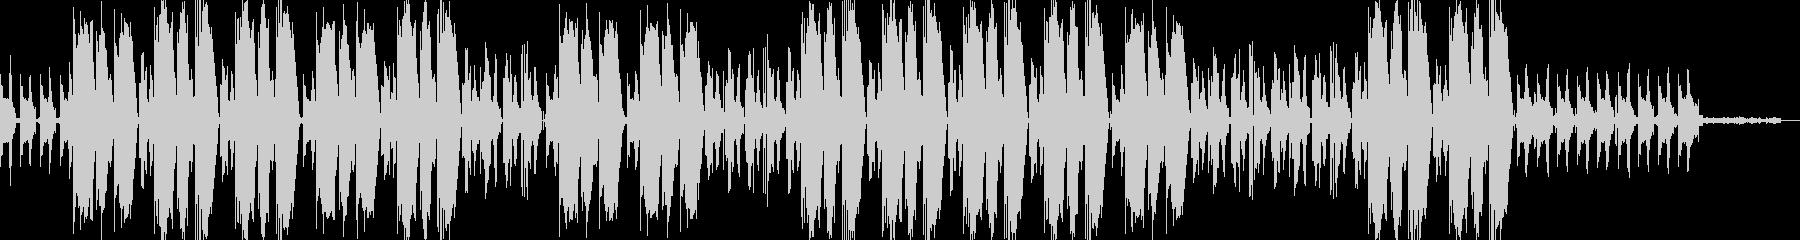 ミステリアスなHIPHOP×TRAPの未再生の波形